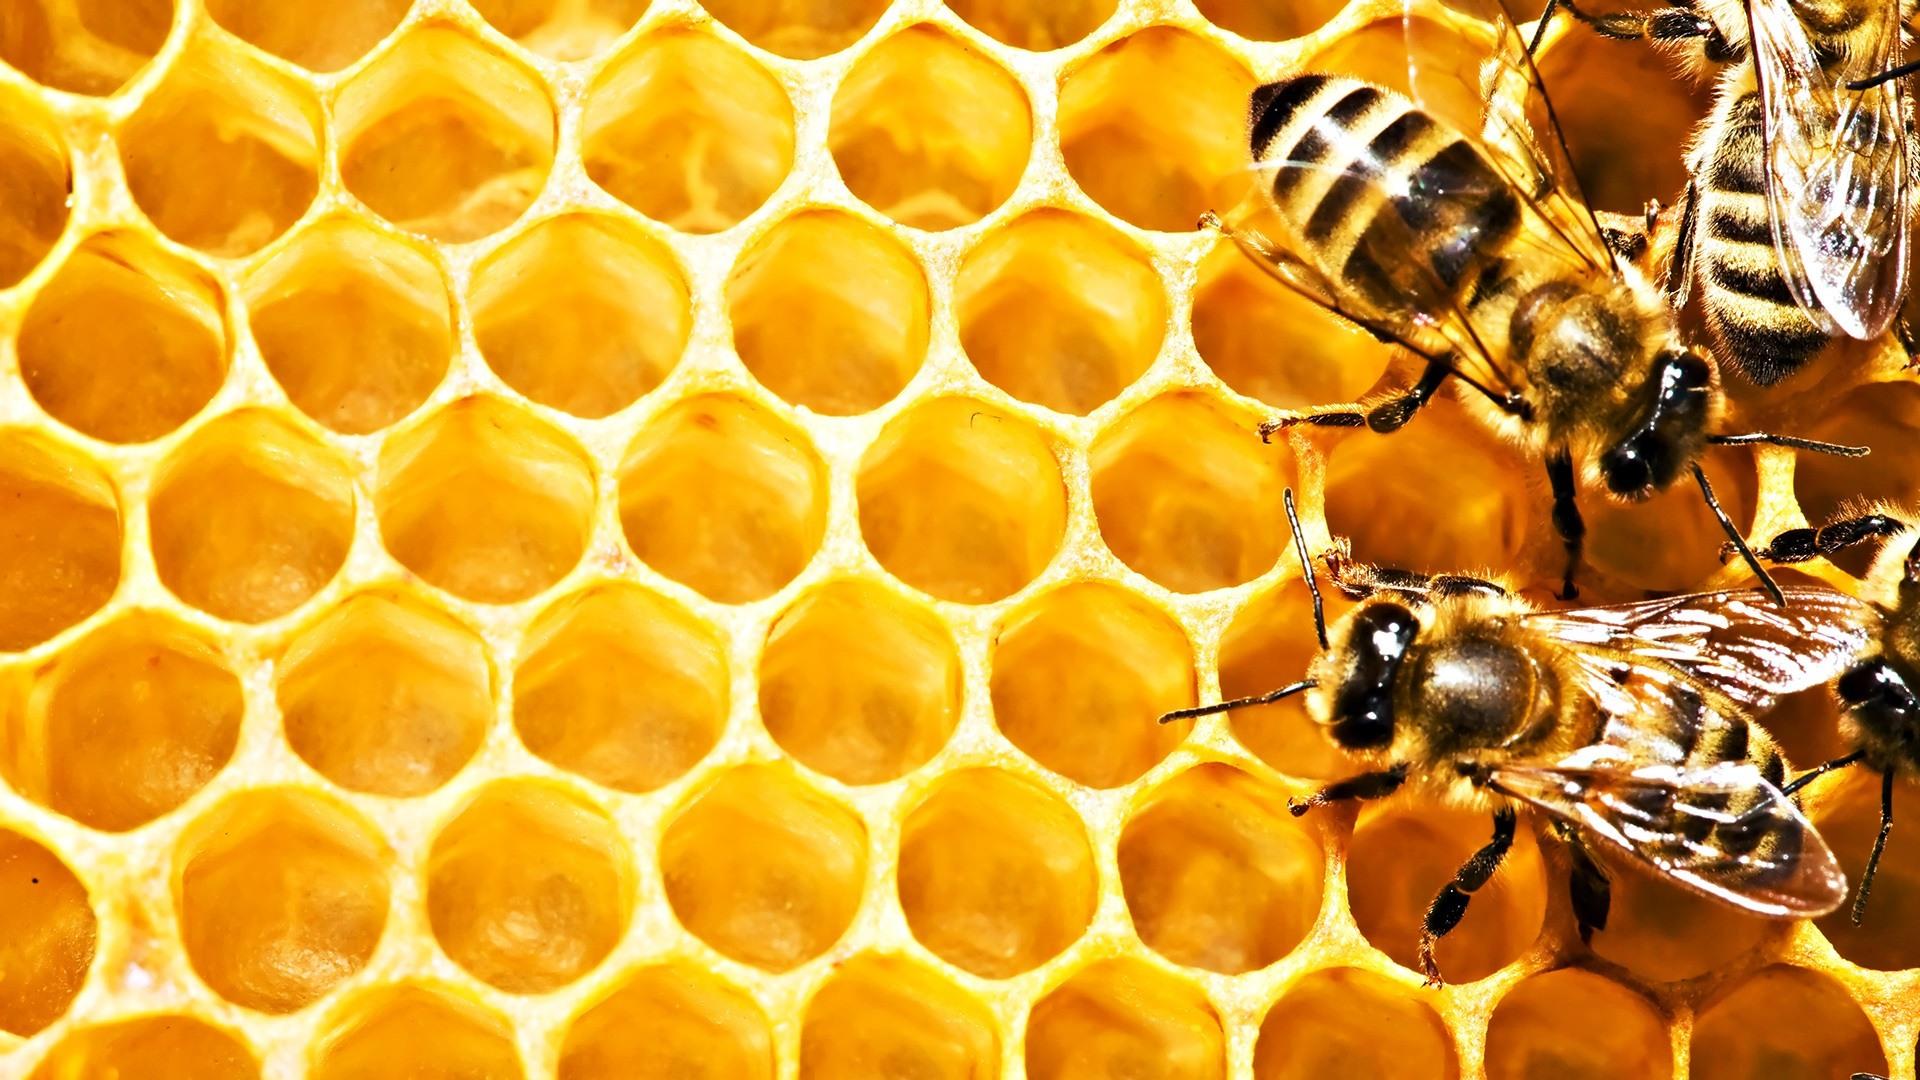 تشبیه کتاب به زنبود عسل